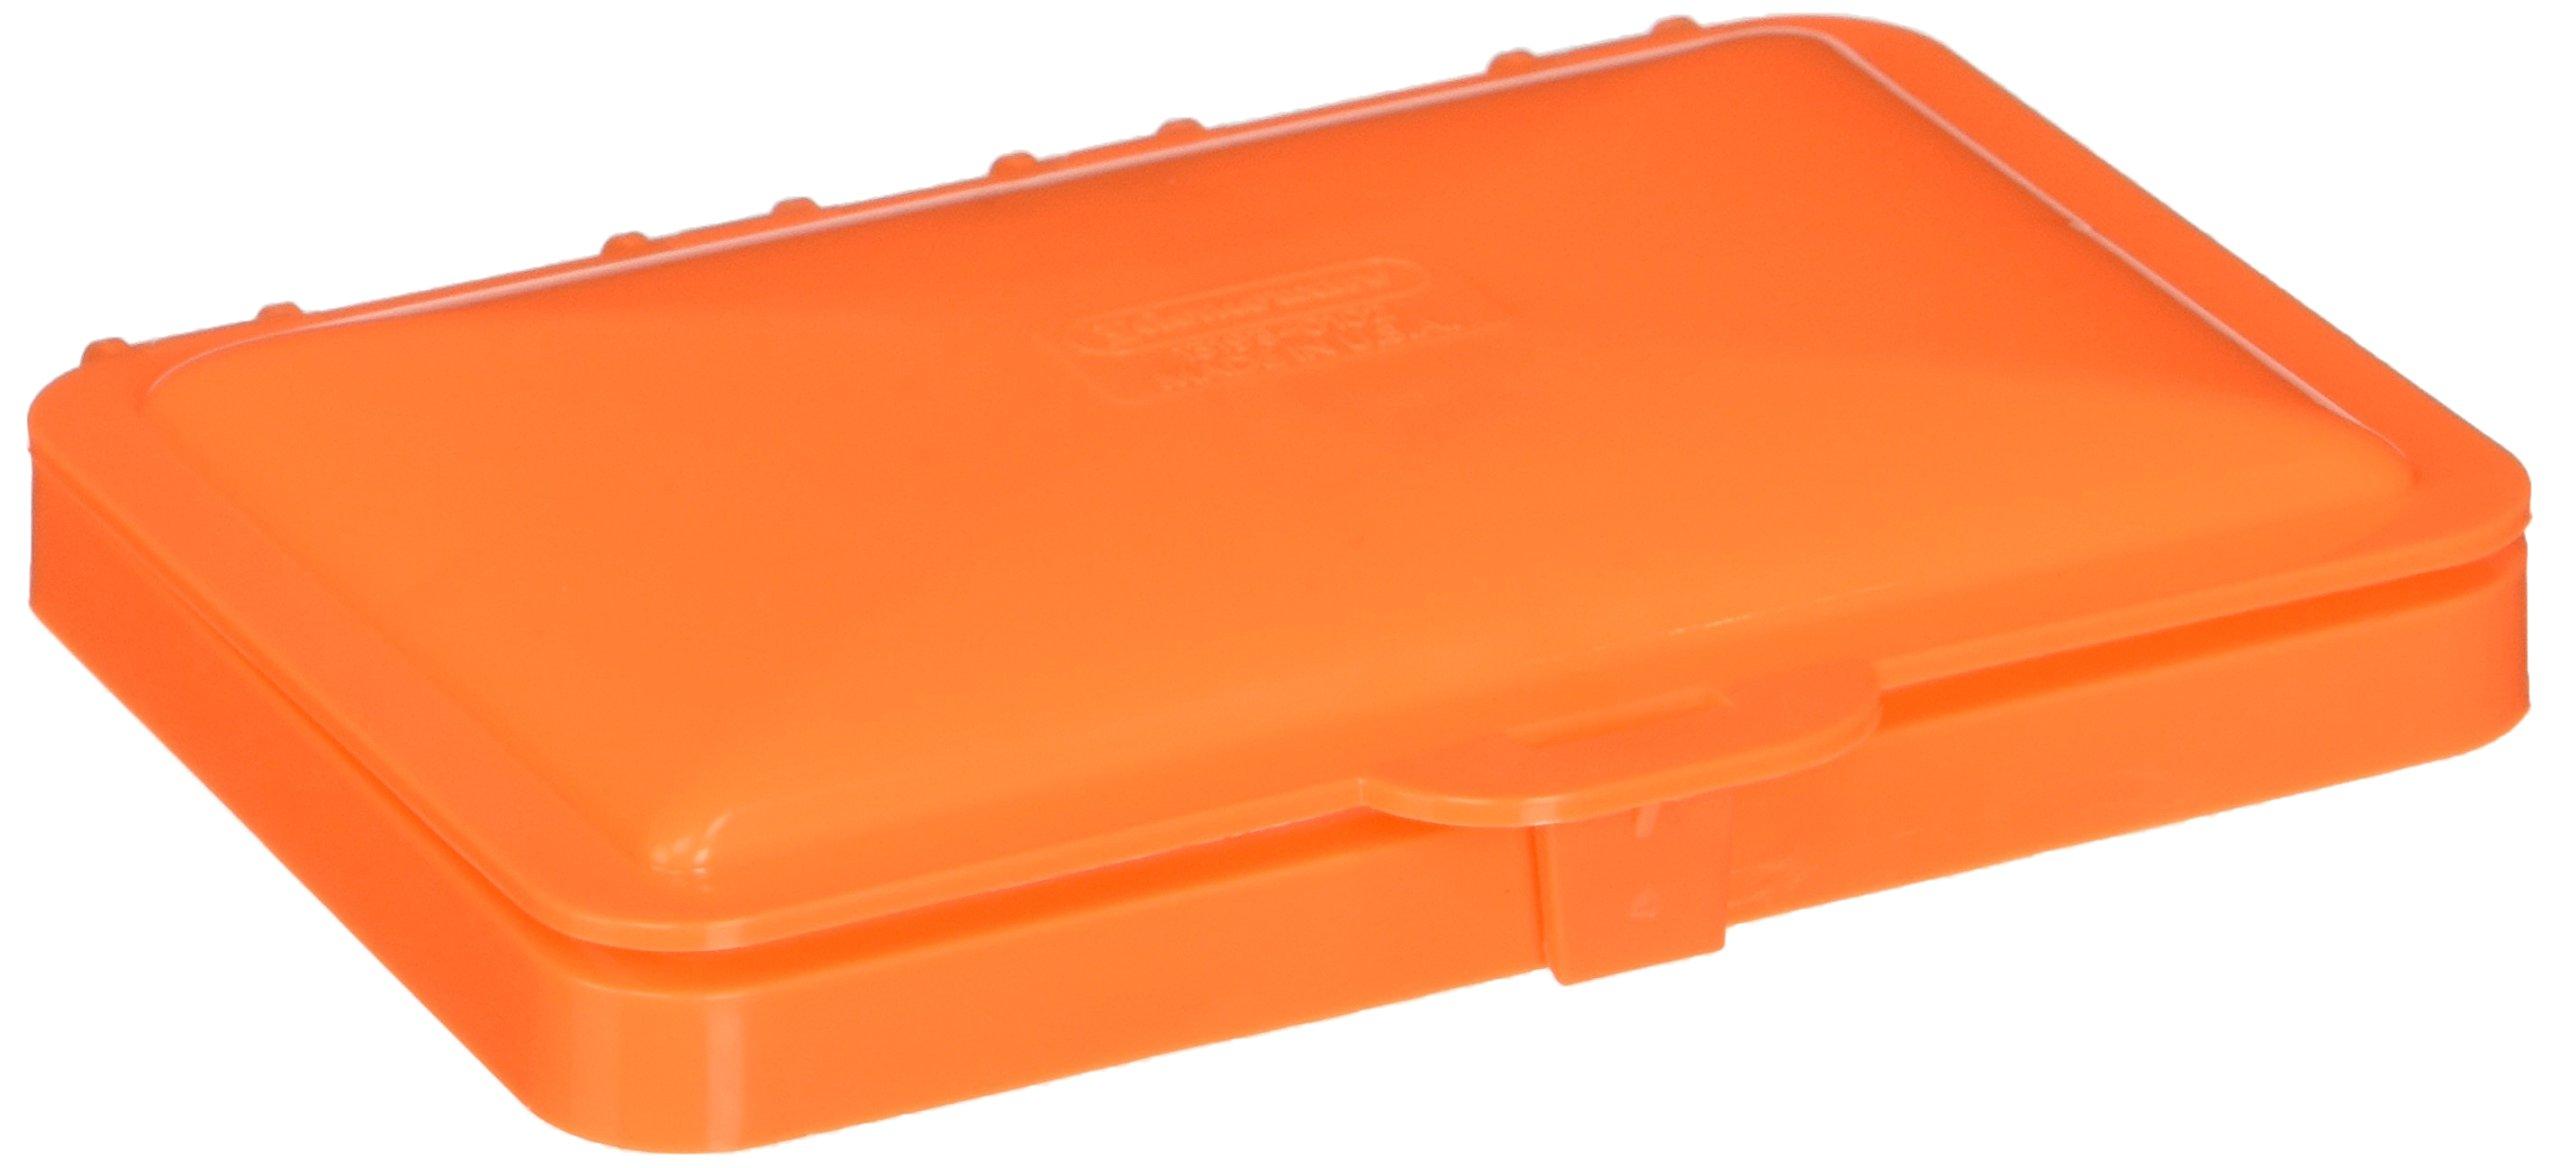 Bel-Art Polypropylene Cover for Poxygrid Bench-Top Biohazard Bag Holder (H13193-1000) (F13193-0102)